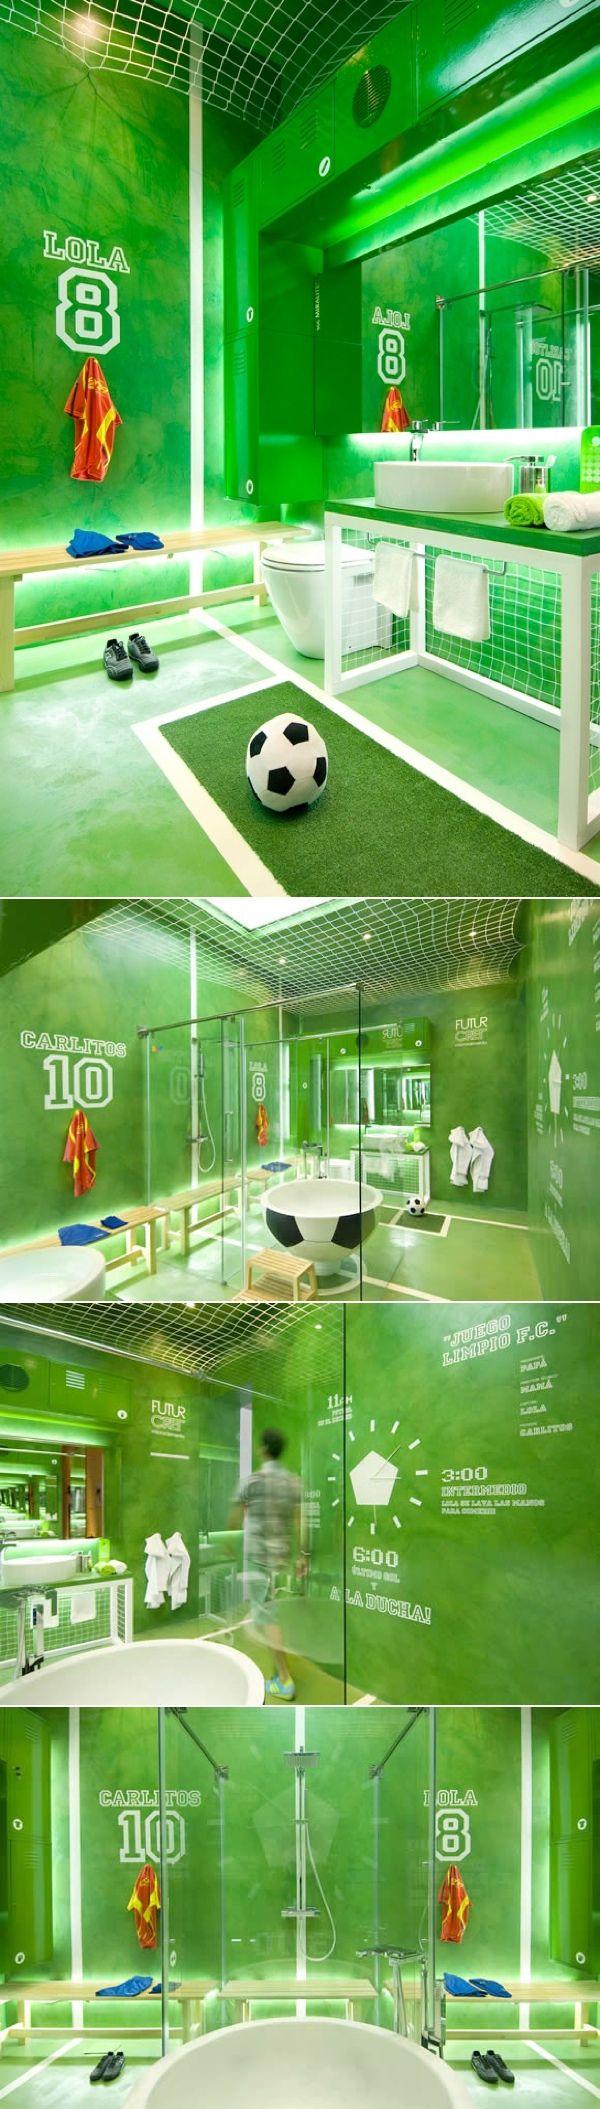 Soccer Bedroom Ideas